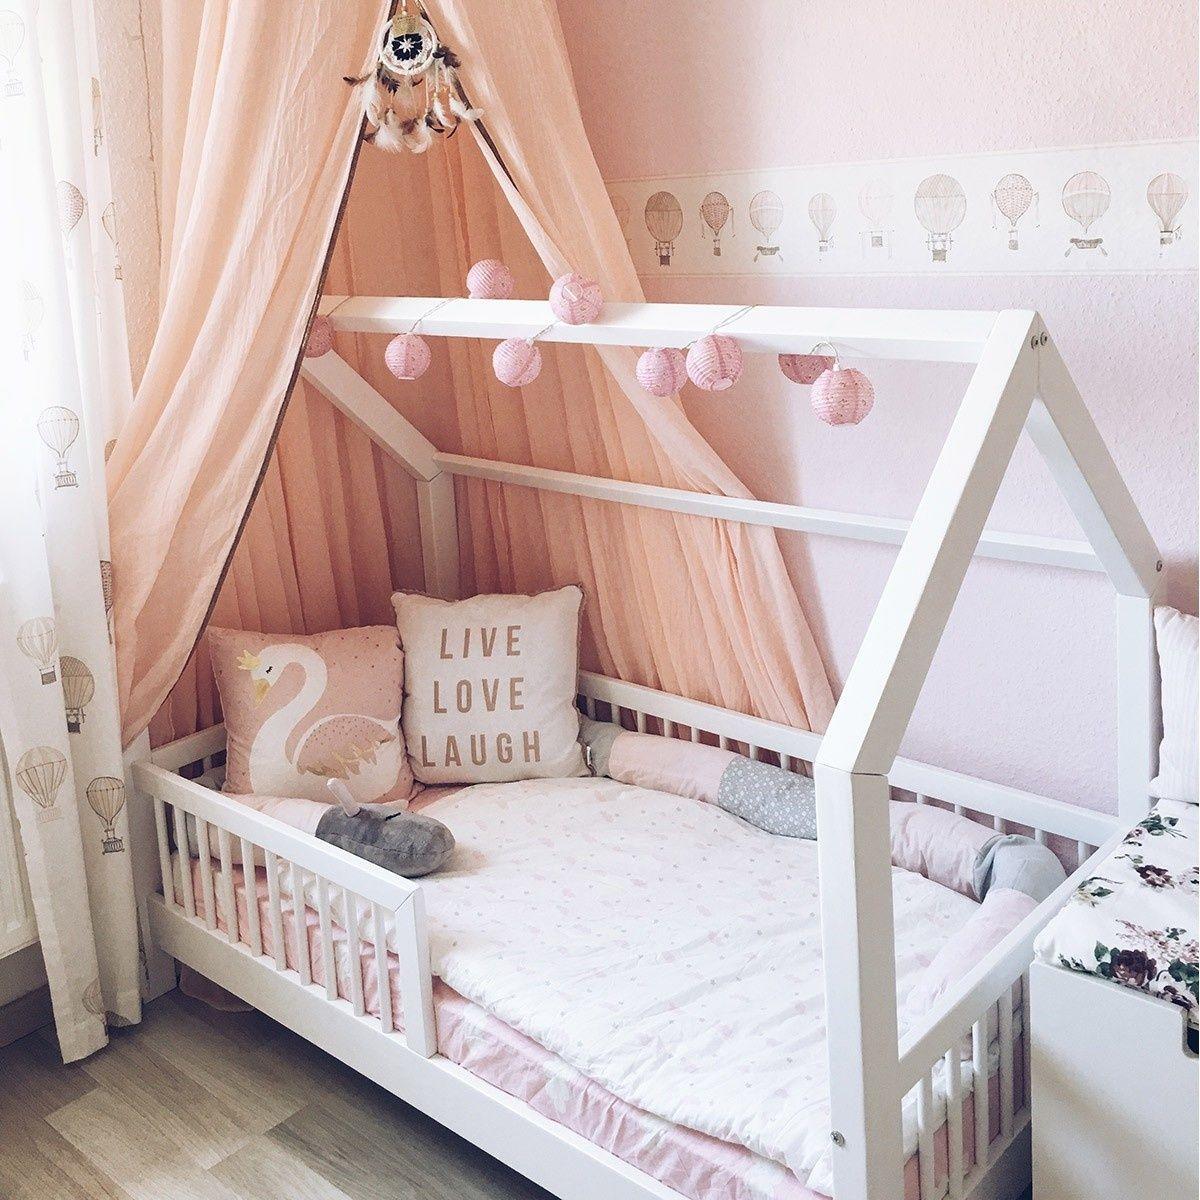 Nature Kid Hausbett aus Kiefer mit süßem Geländer